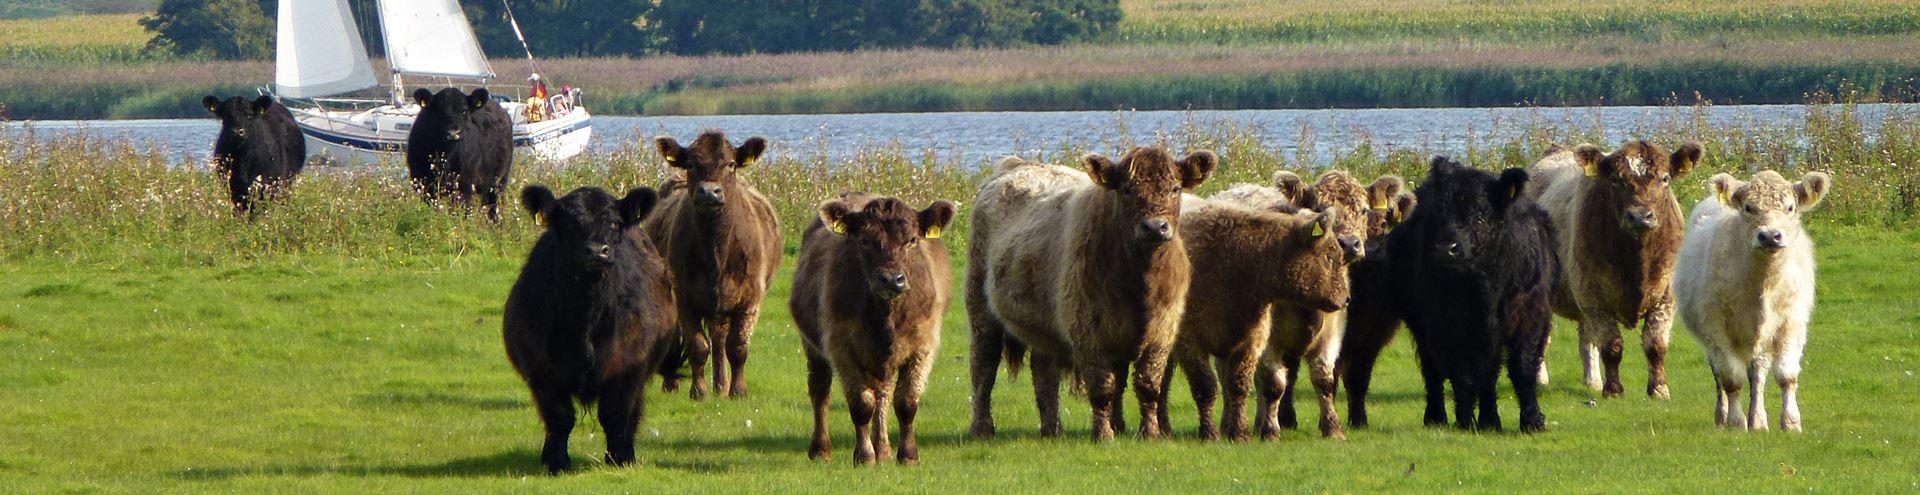 Fleischrinderzucht SH + HH Galloway Rinder